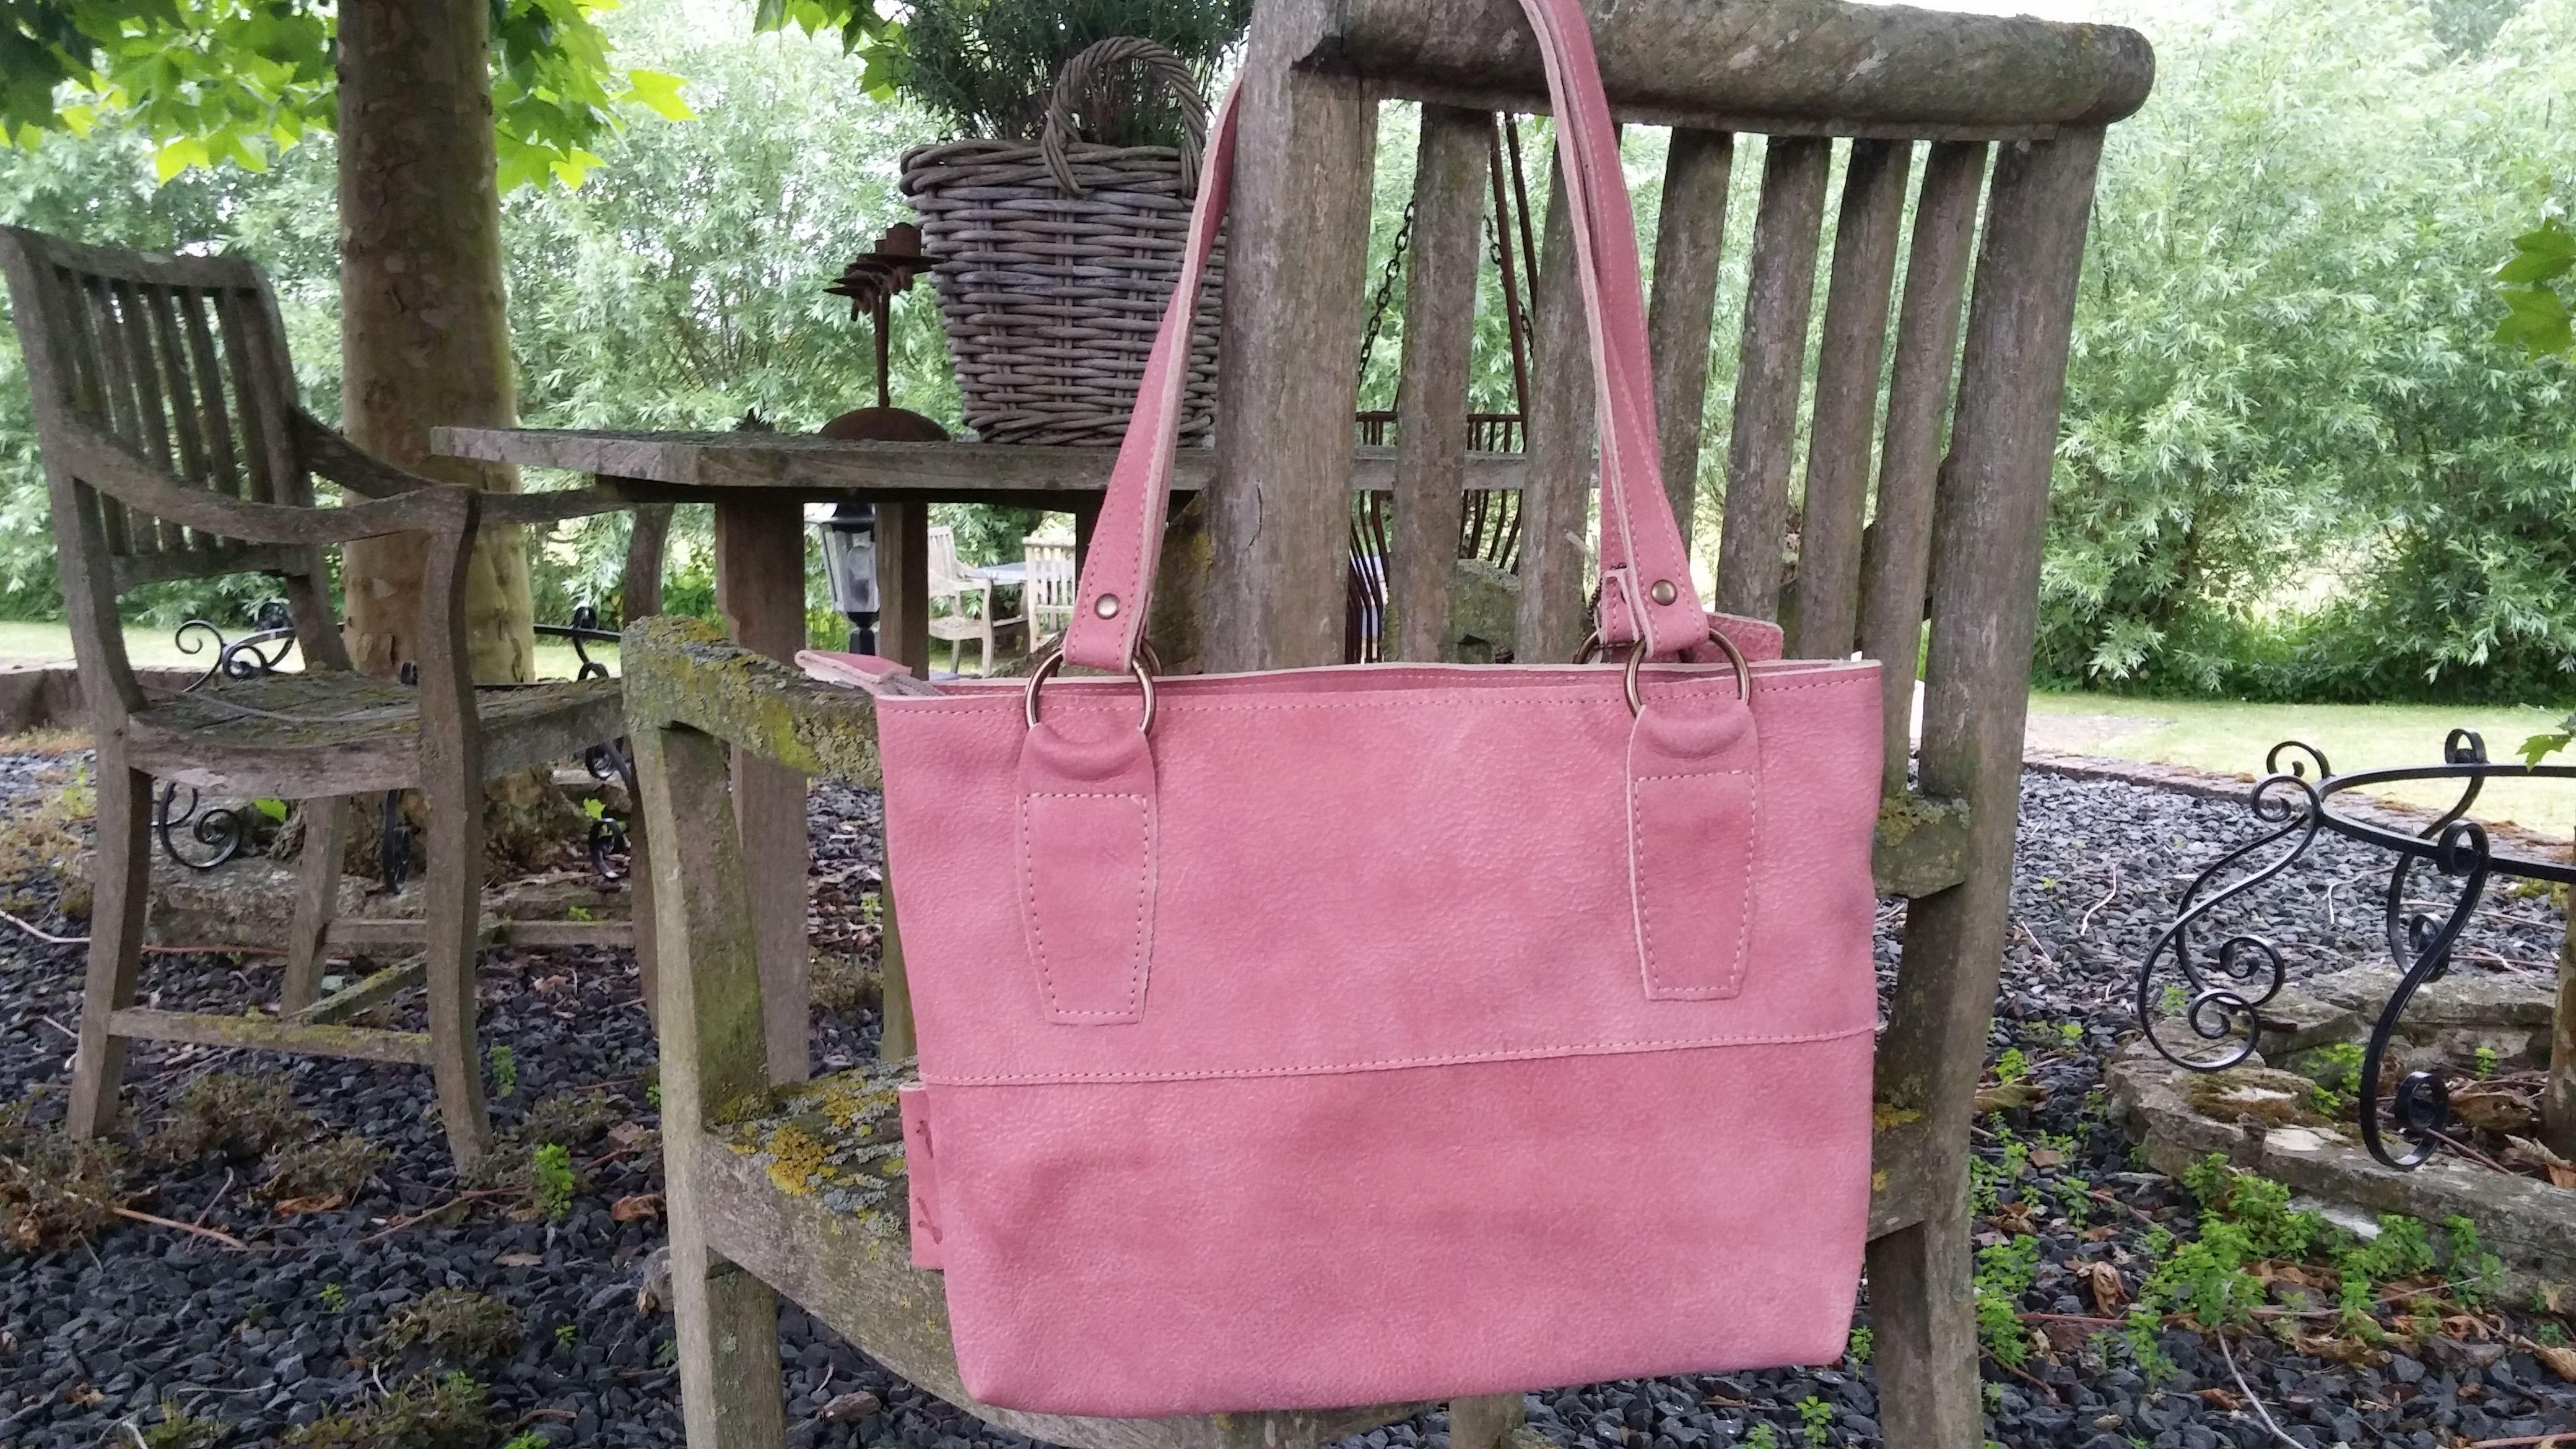 0fedc7e2966 Handtas Petit Joli gemaakt in roze leder. Merk Kaat. | Leren ...